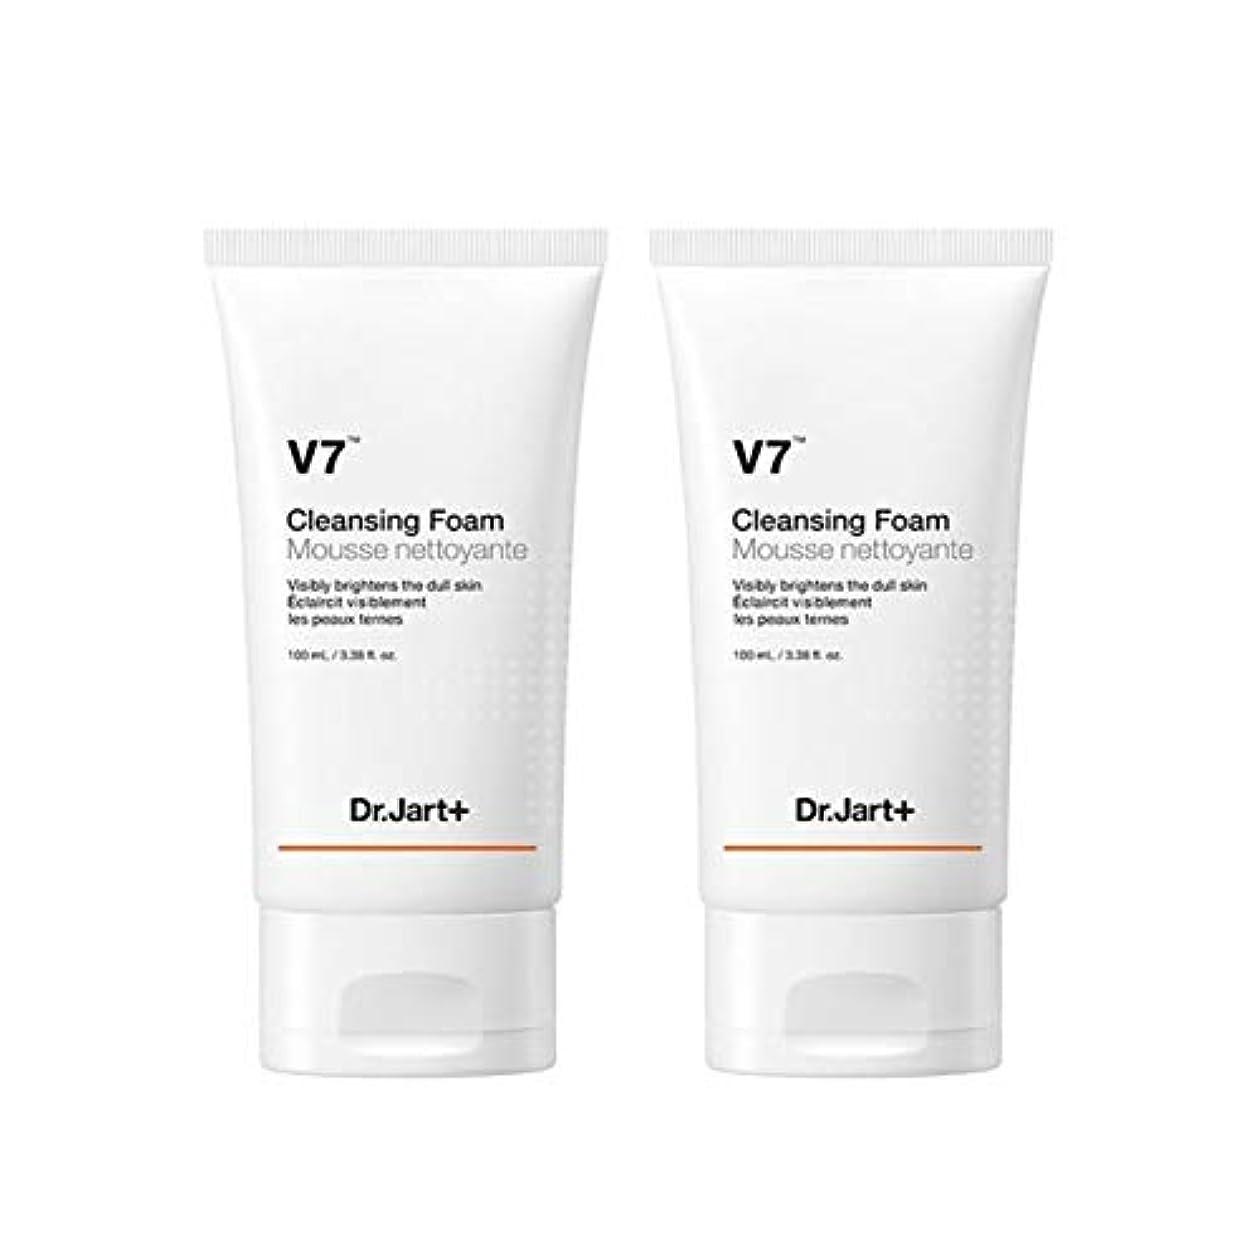 ミュウミュウ湿度繰り返しドクタージャルトゥV7クレンジングフォーム100mlx2本セット韓国コスメ、Dr.Jart V7 Cleansing Foam 100ml x 2ea Set Korean Cosmetics [並行輸入品]